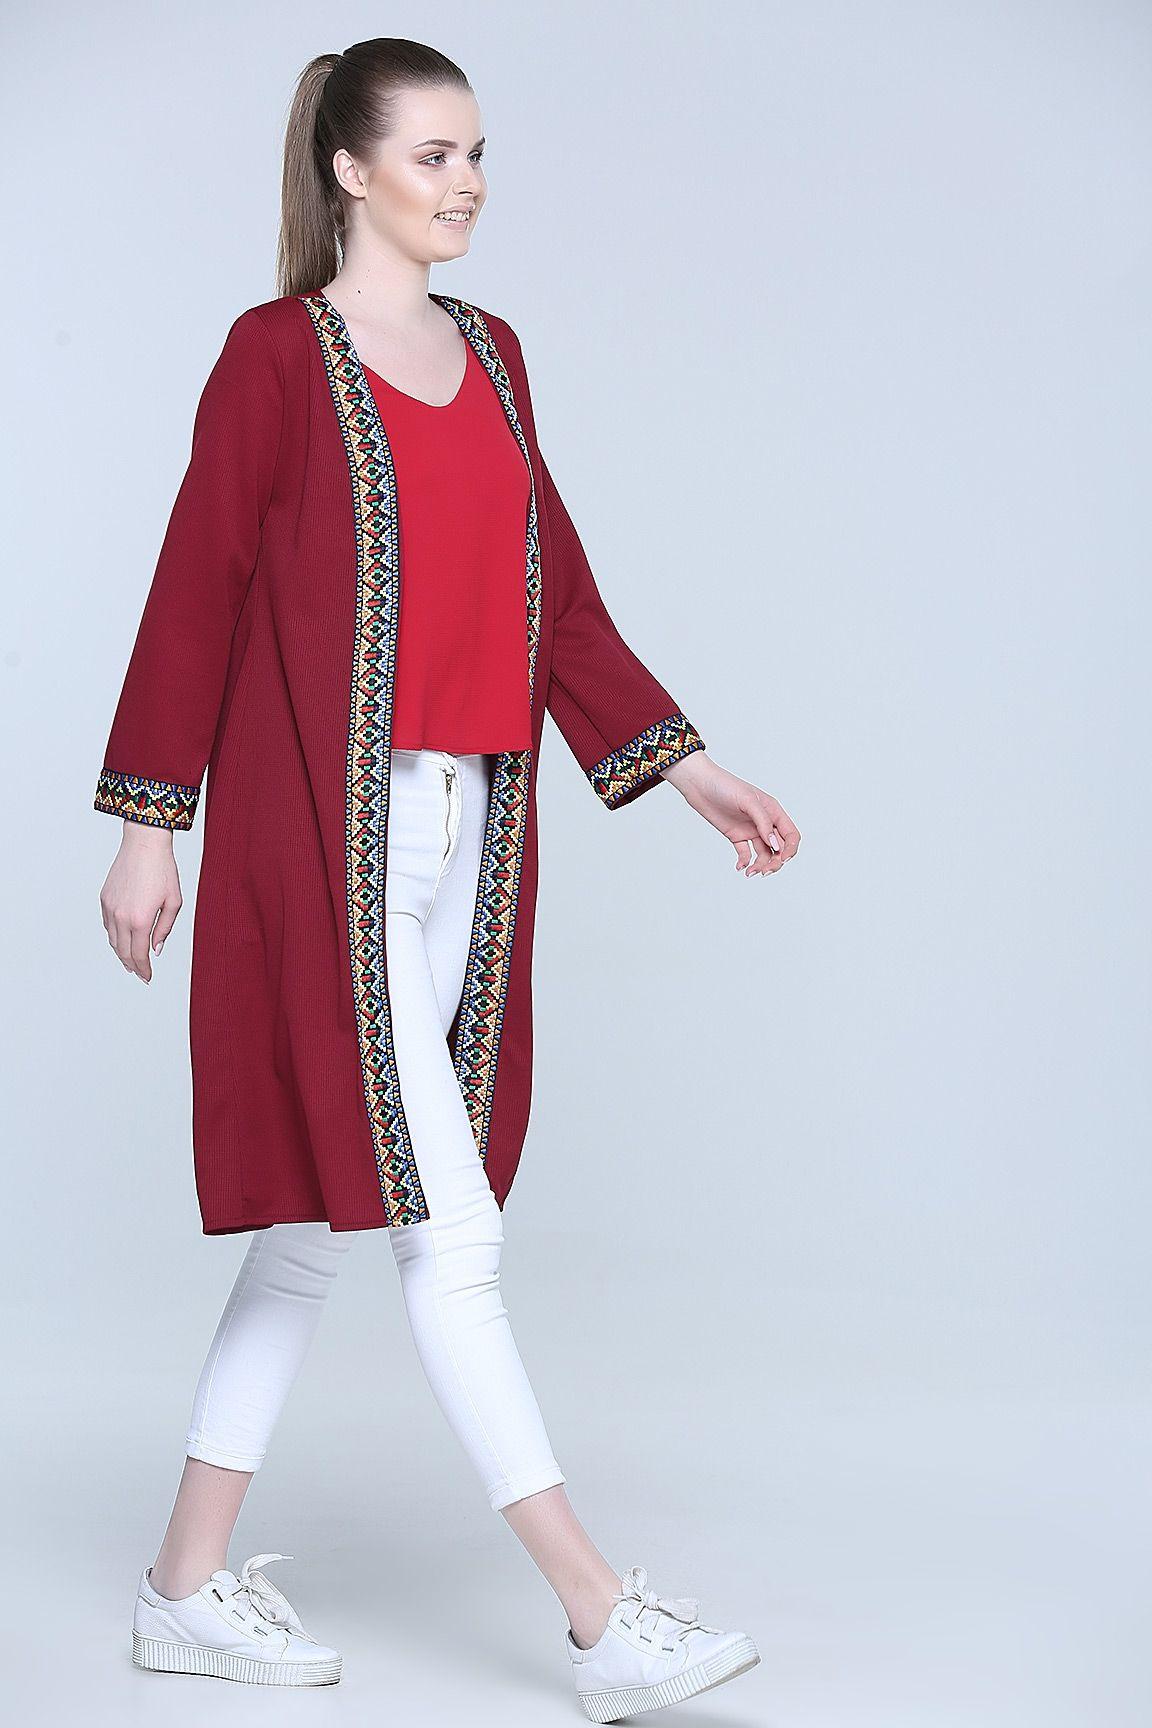 Kadin Ceket Kot Ceket Blazer Ceket Modelleri Ve Fiyatlari Tozlu Com Kadin Ceketleri Kadin Blazer Ceket